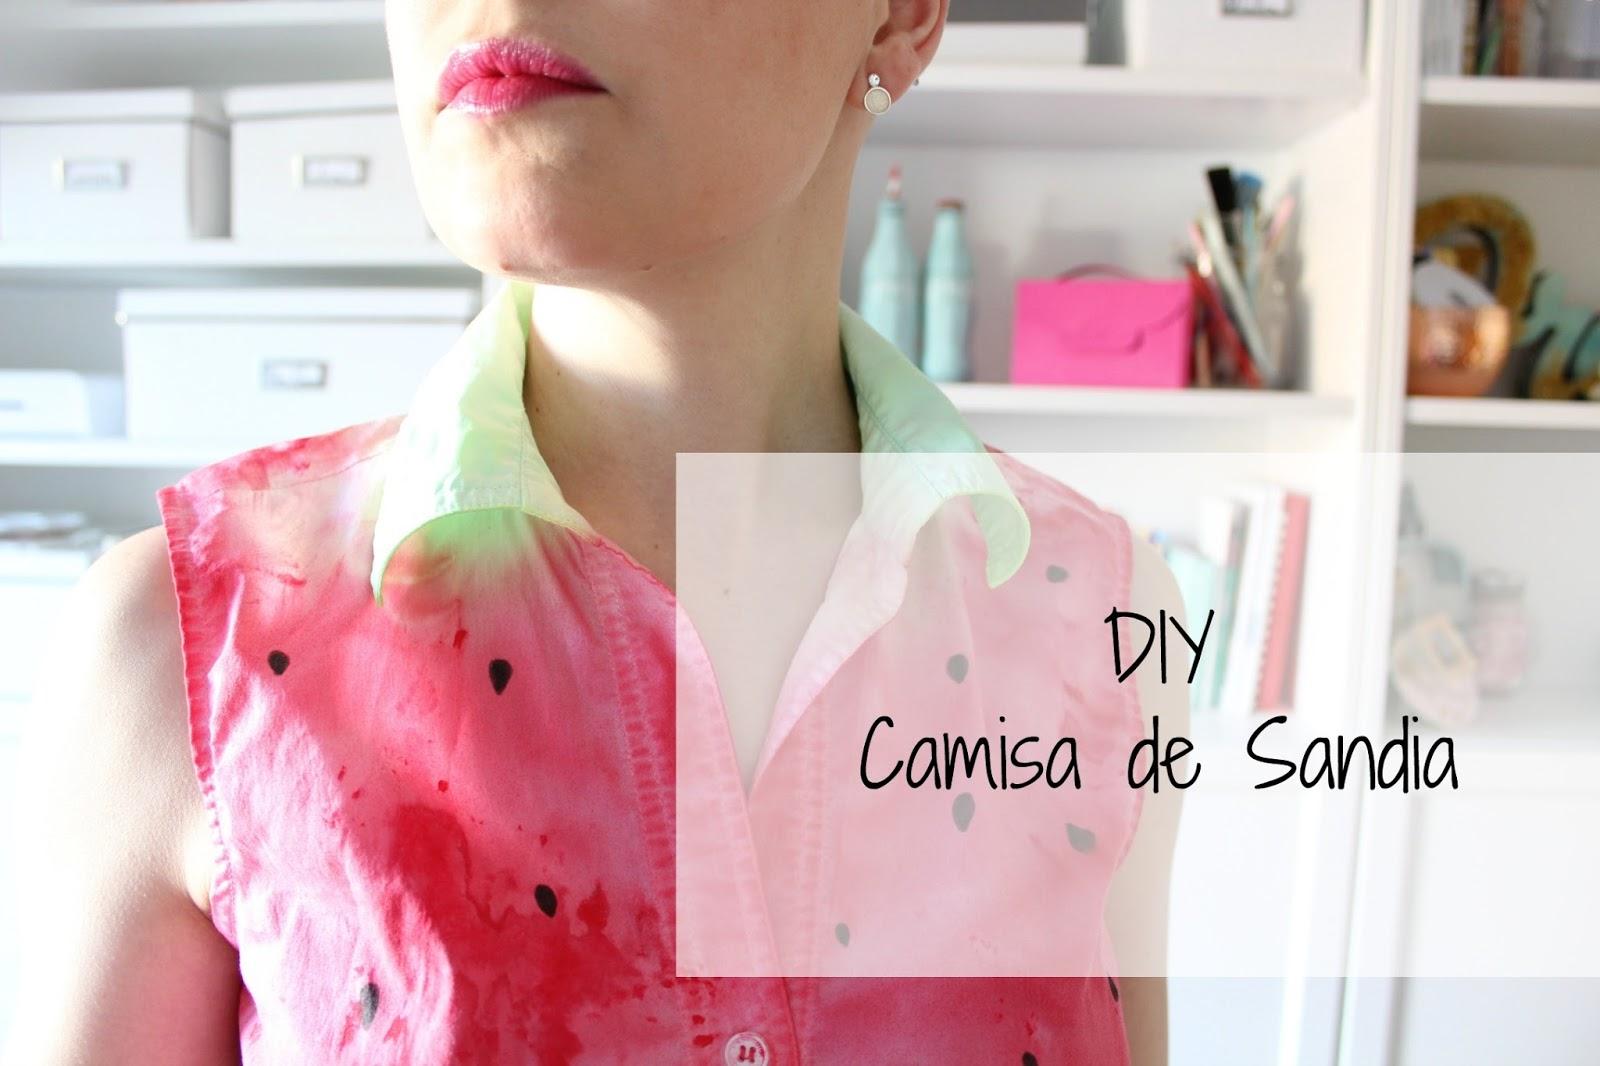 DIY Camisa de Sandia - Decoracion.red